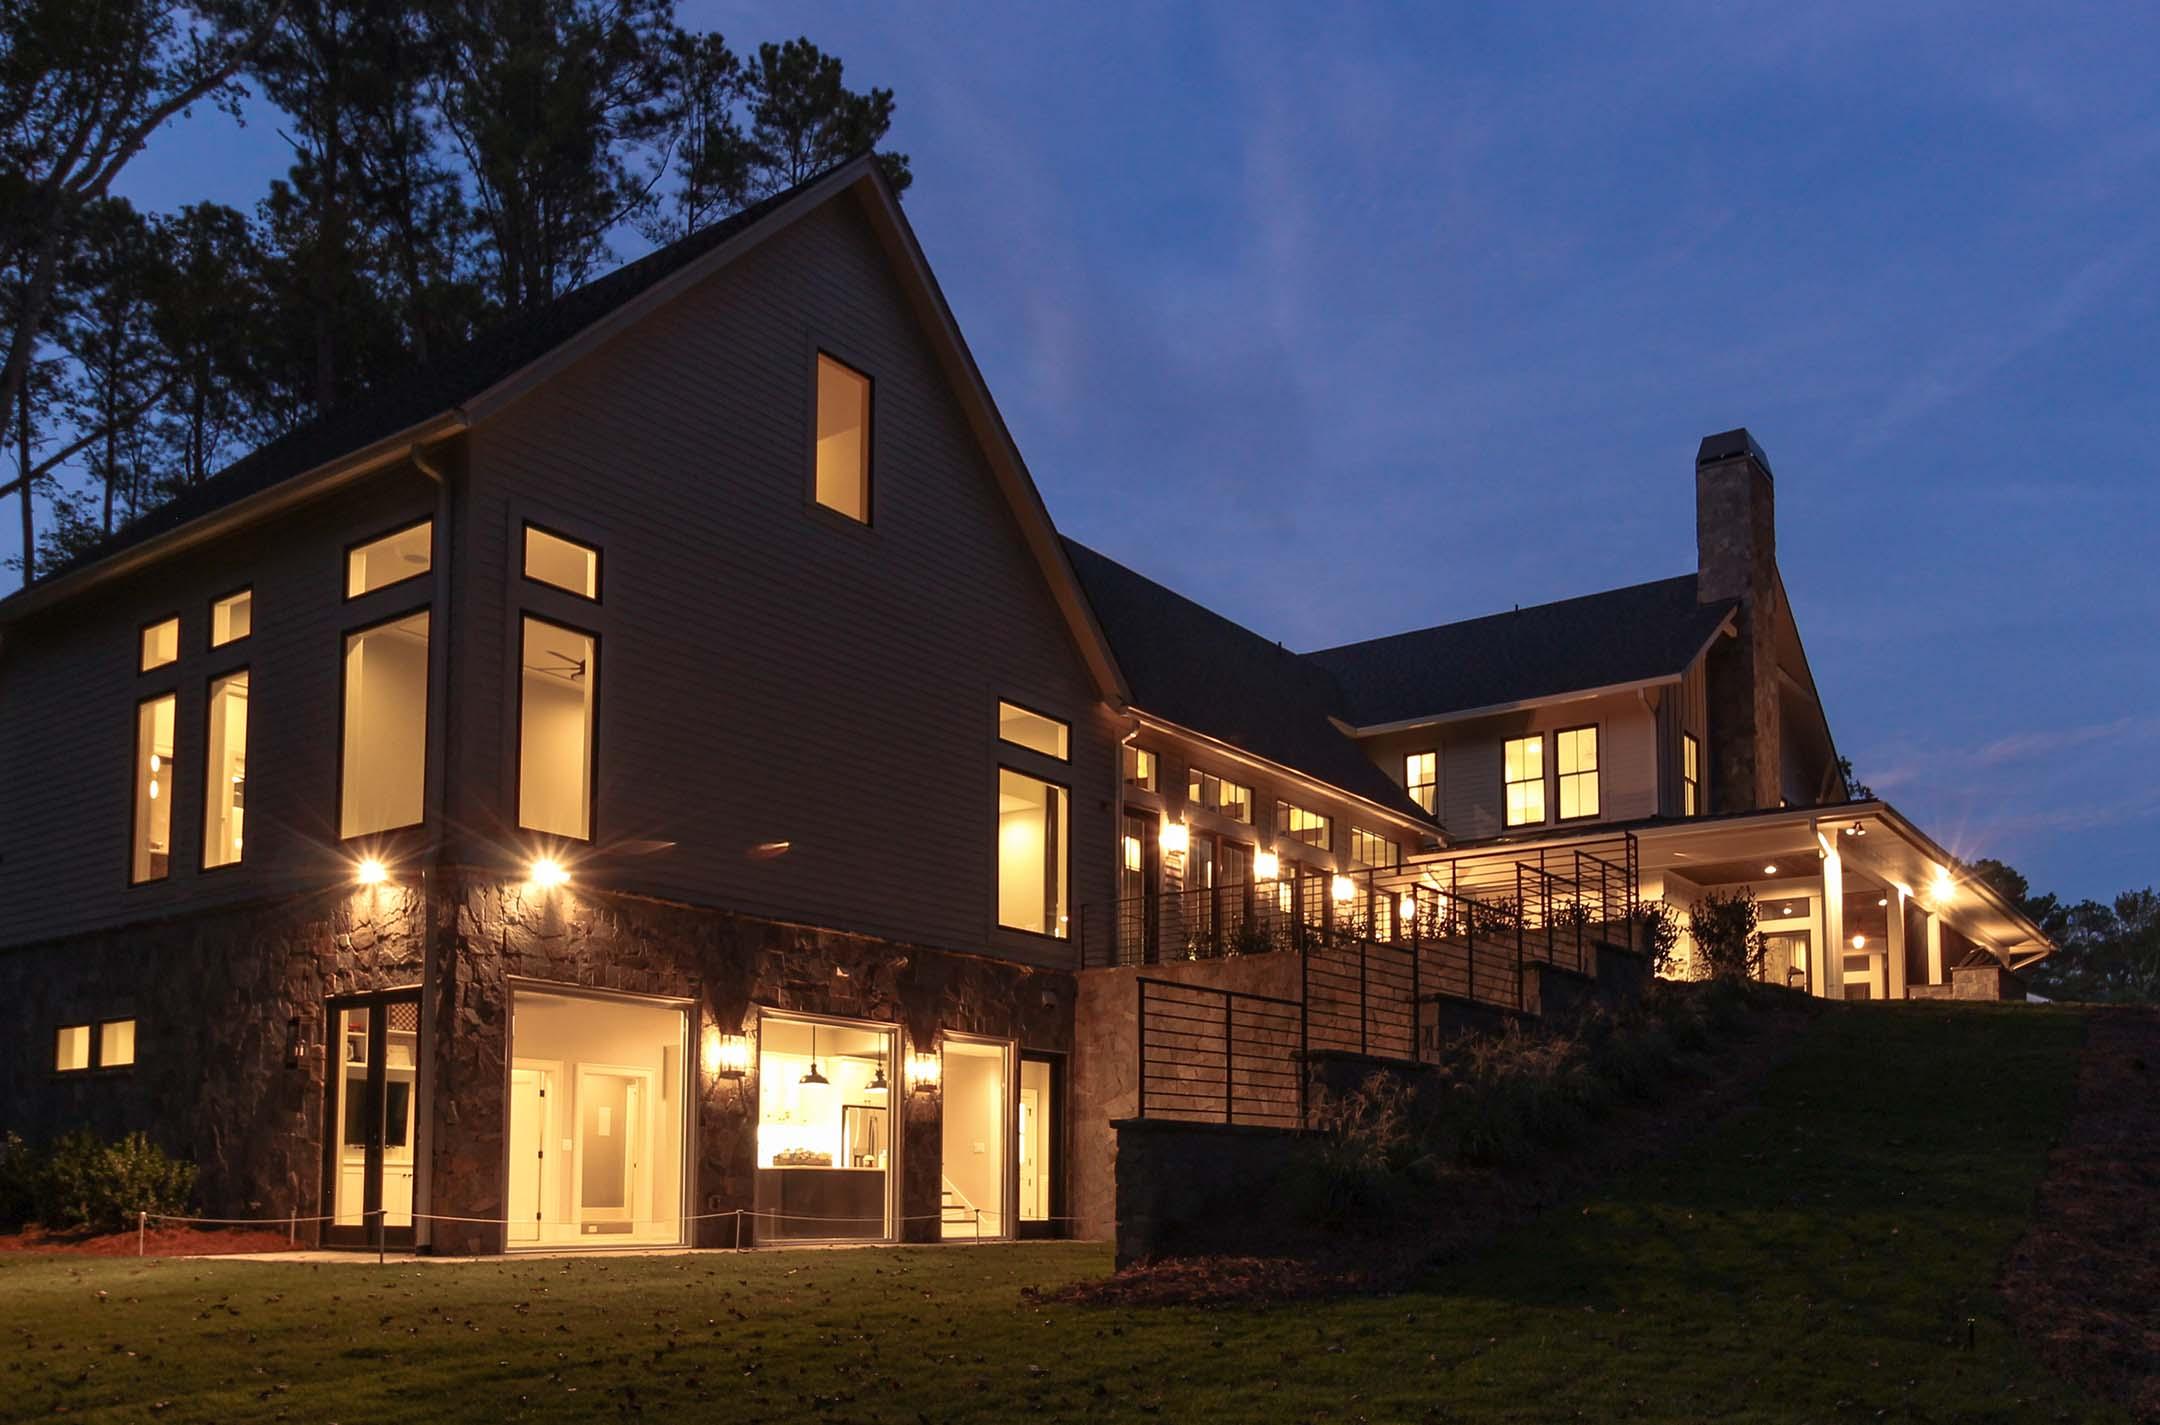 Loyd Builders Custom Luxury Homes By Loyd Builders - Custom luxury home builder